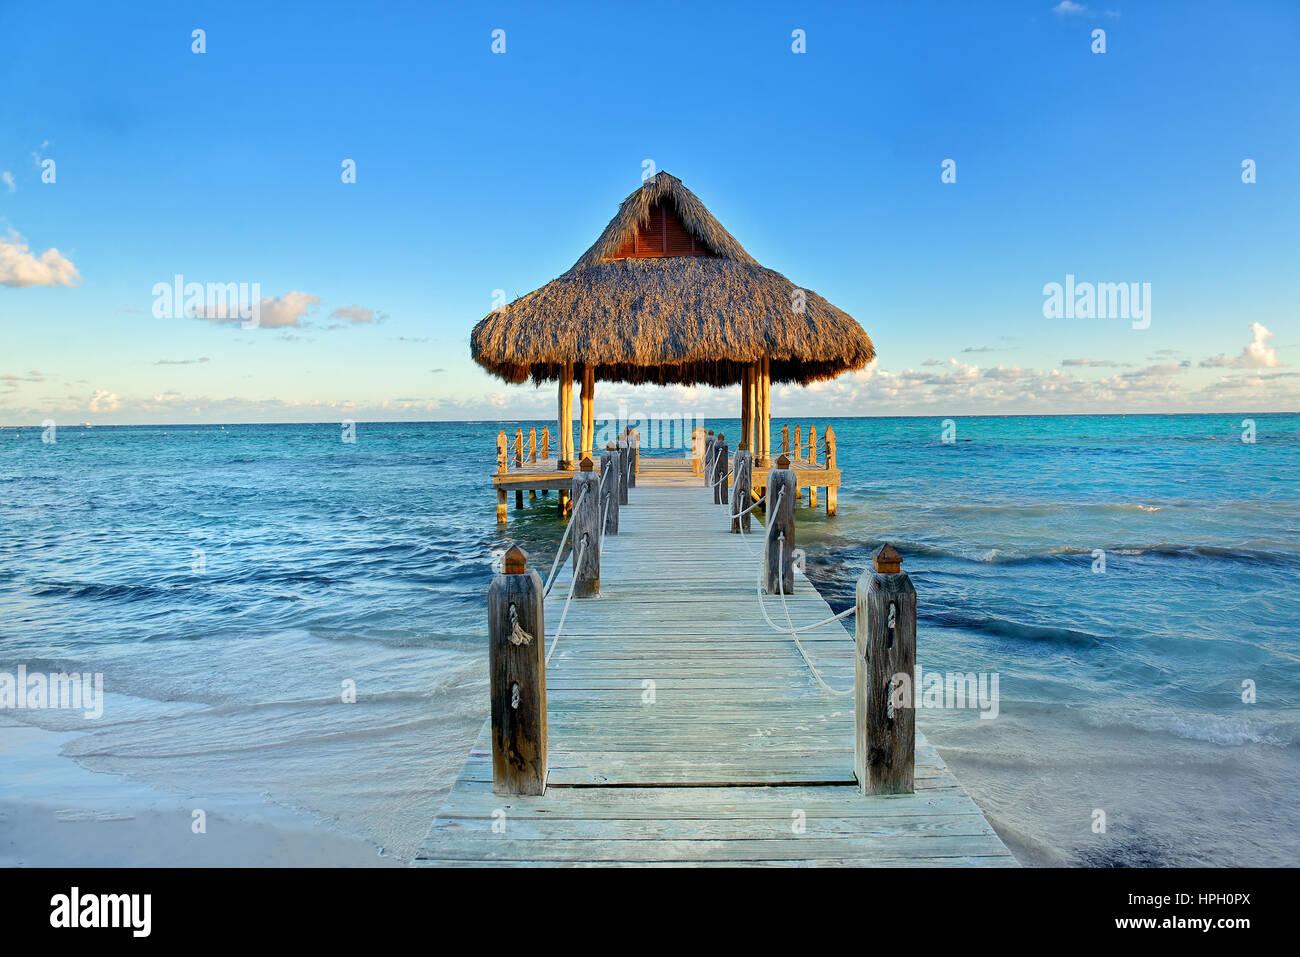 Playa de arena blanca tropical. Muelle de madera con techo de hojas de palmera con mirador en la playa. Punta Cana, Imagen De Stock